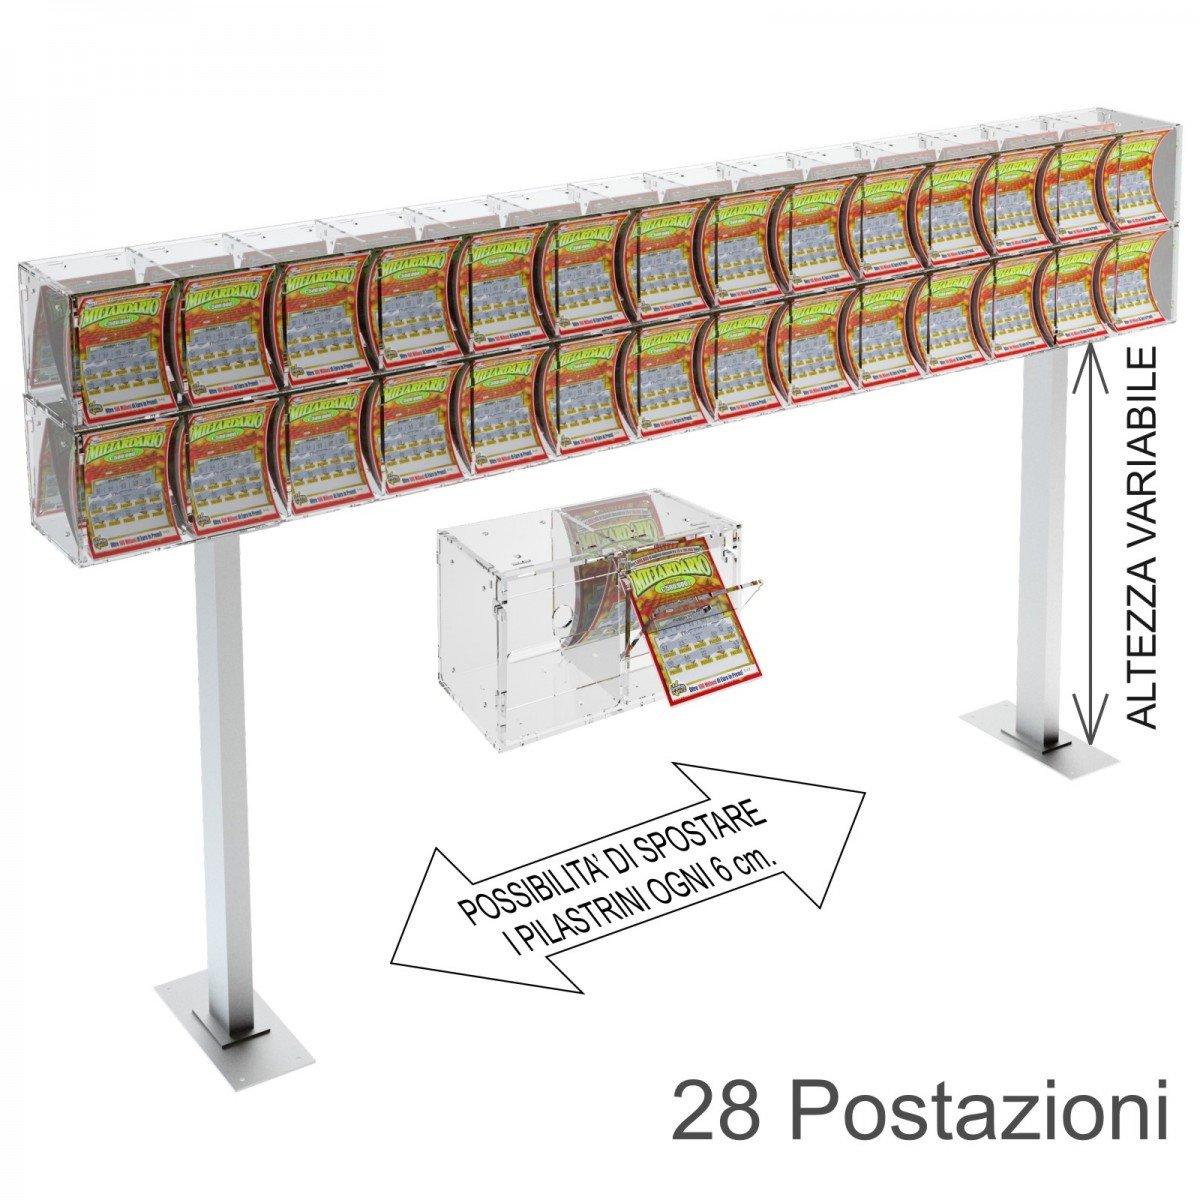 Espositore gratta e vinci da banco in plexiglass trasparente a 28 contenitori munito di sportellino frontale lato rivenditore